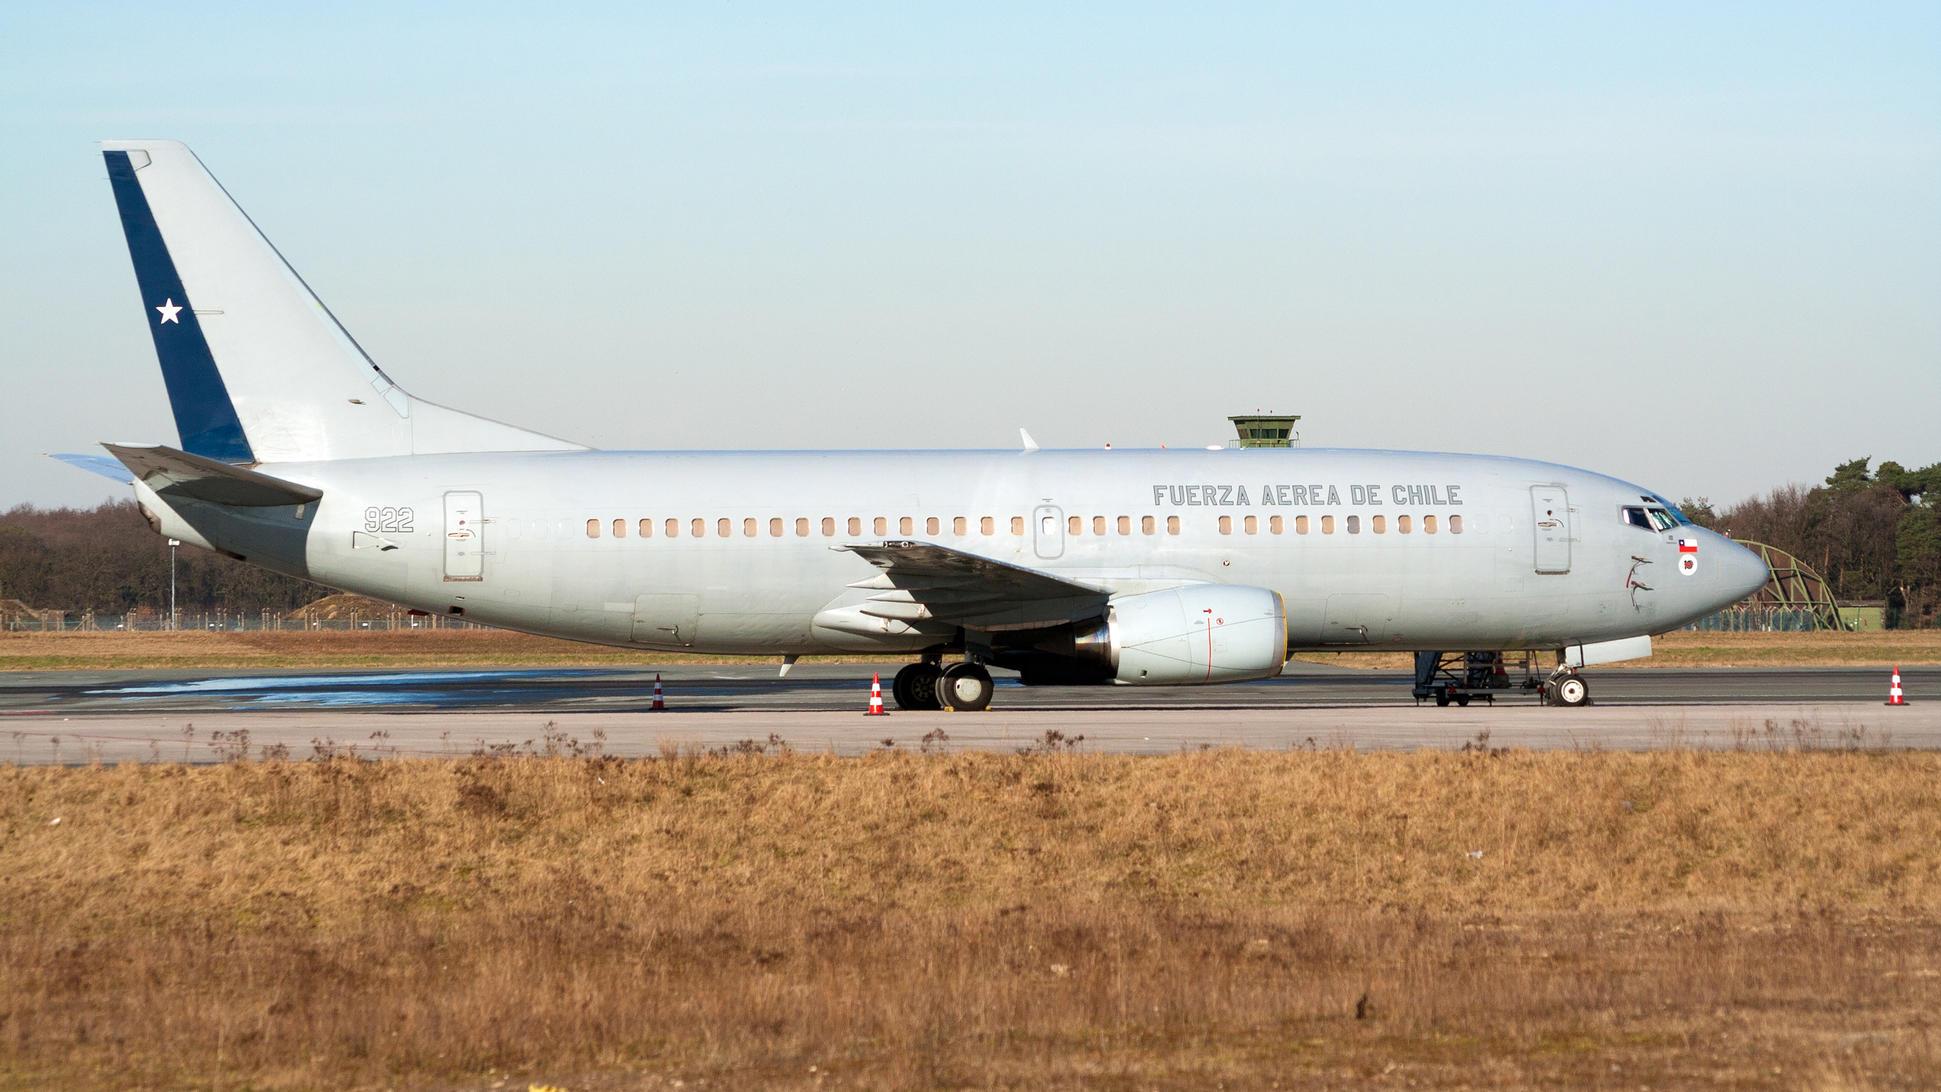 Con apoyo internacional: 13 aviones, 4 buques y 3 satélites buscan avión desaparecido